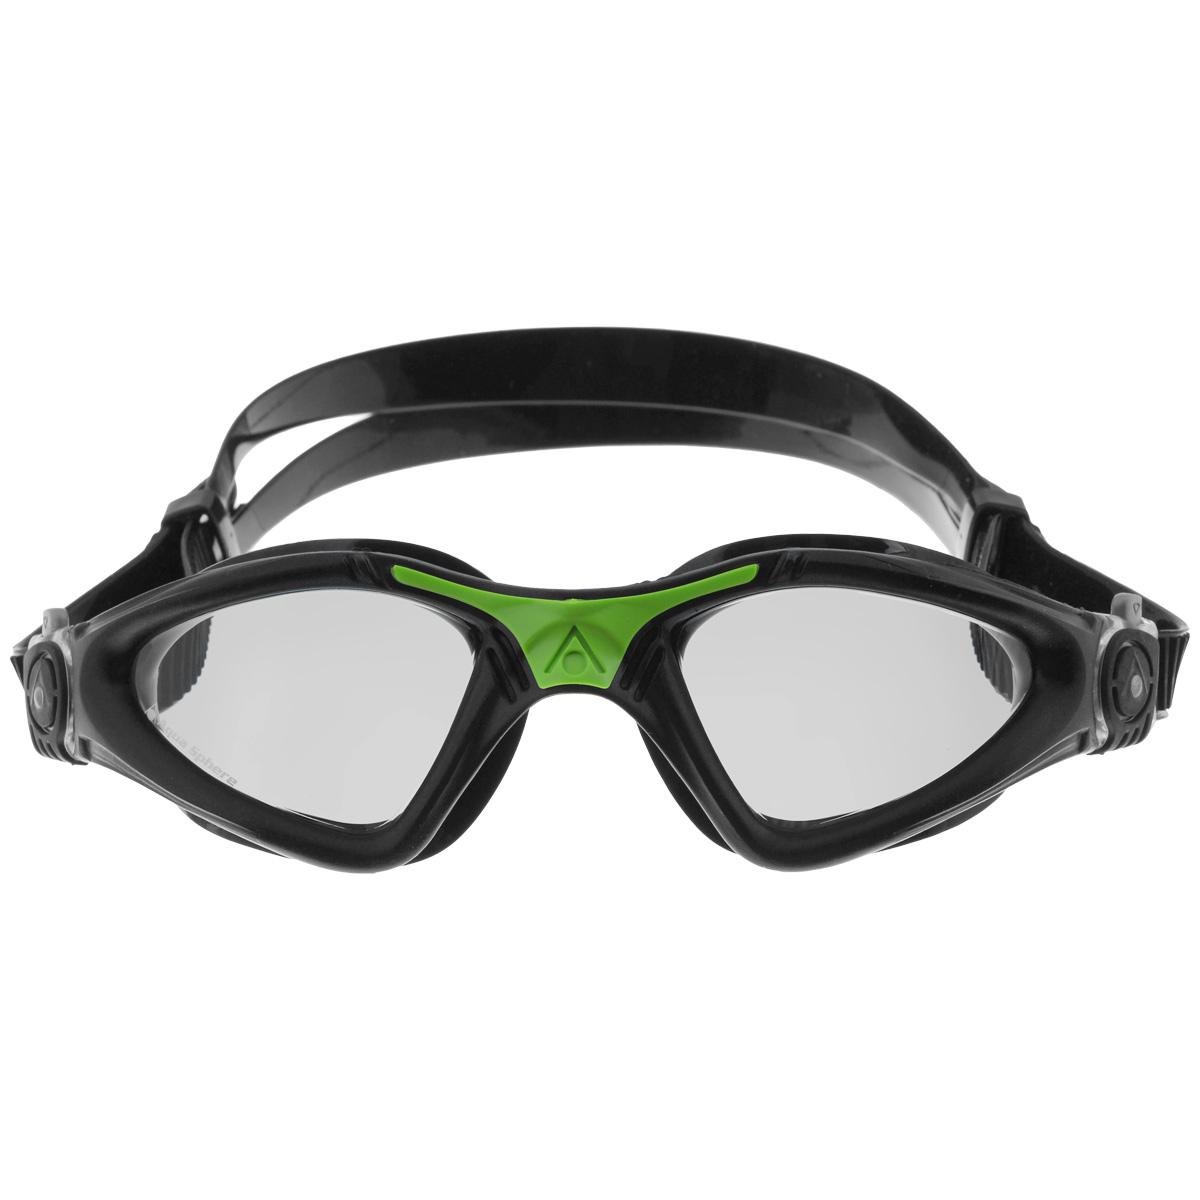 Очки для плавания Aqua Sphere Kayenne, прозрачные линзы, цвет: черный, зеленыйTN 170800Модные и стильные очки для плавания Aqua Sphere Kayenne идеально подходят для плавания в бассейне или открытой воде. Оснащены линзами с антизапотевающим покрытием, которые устойчивы к появлению царапин. Мягкий комфортный обтюратор плотно прилегает к лицу. Запатентованные изогнутые линзы дают прекрасный обзор на 180° - без искажений. Рамка имеет гидродинамическую форму. Очки оснащены удобными быстрорегулируемыми пряжками. Материал: софтерил, plexisol.